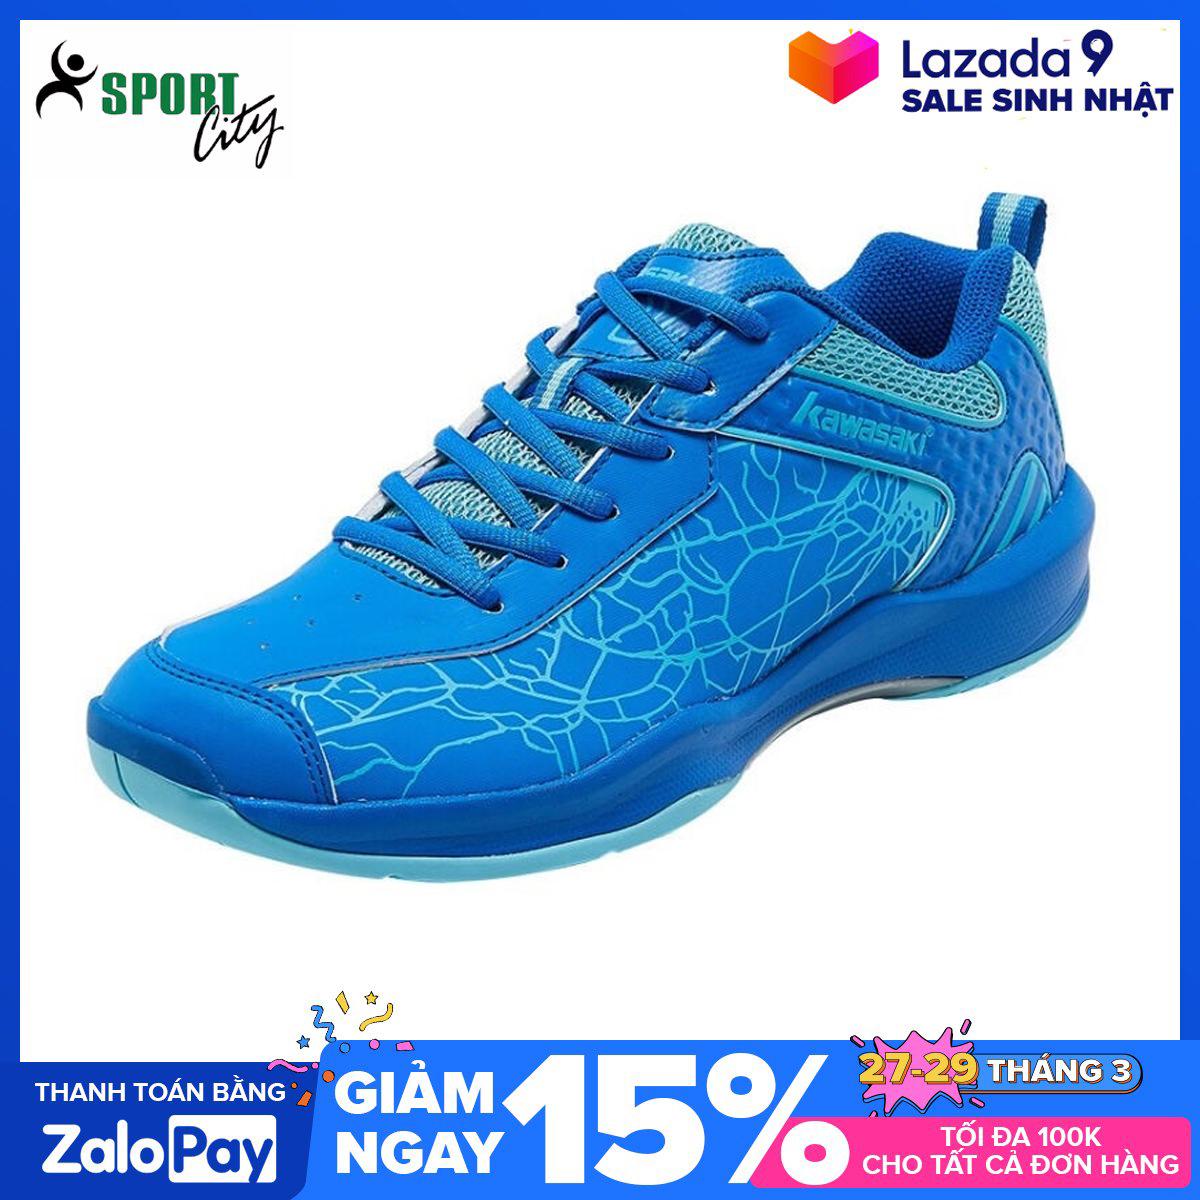 Giày cầu lông Kawasaki K081 màu xanh, chống lật cổ chân, giảm chấn hiệu quả, dành cho nam và nữ đủ size - Giày thể thao nam - Giày chơi cầu lông - Giày bóng chuyền - sportcity